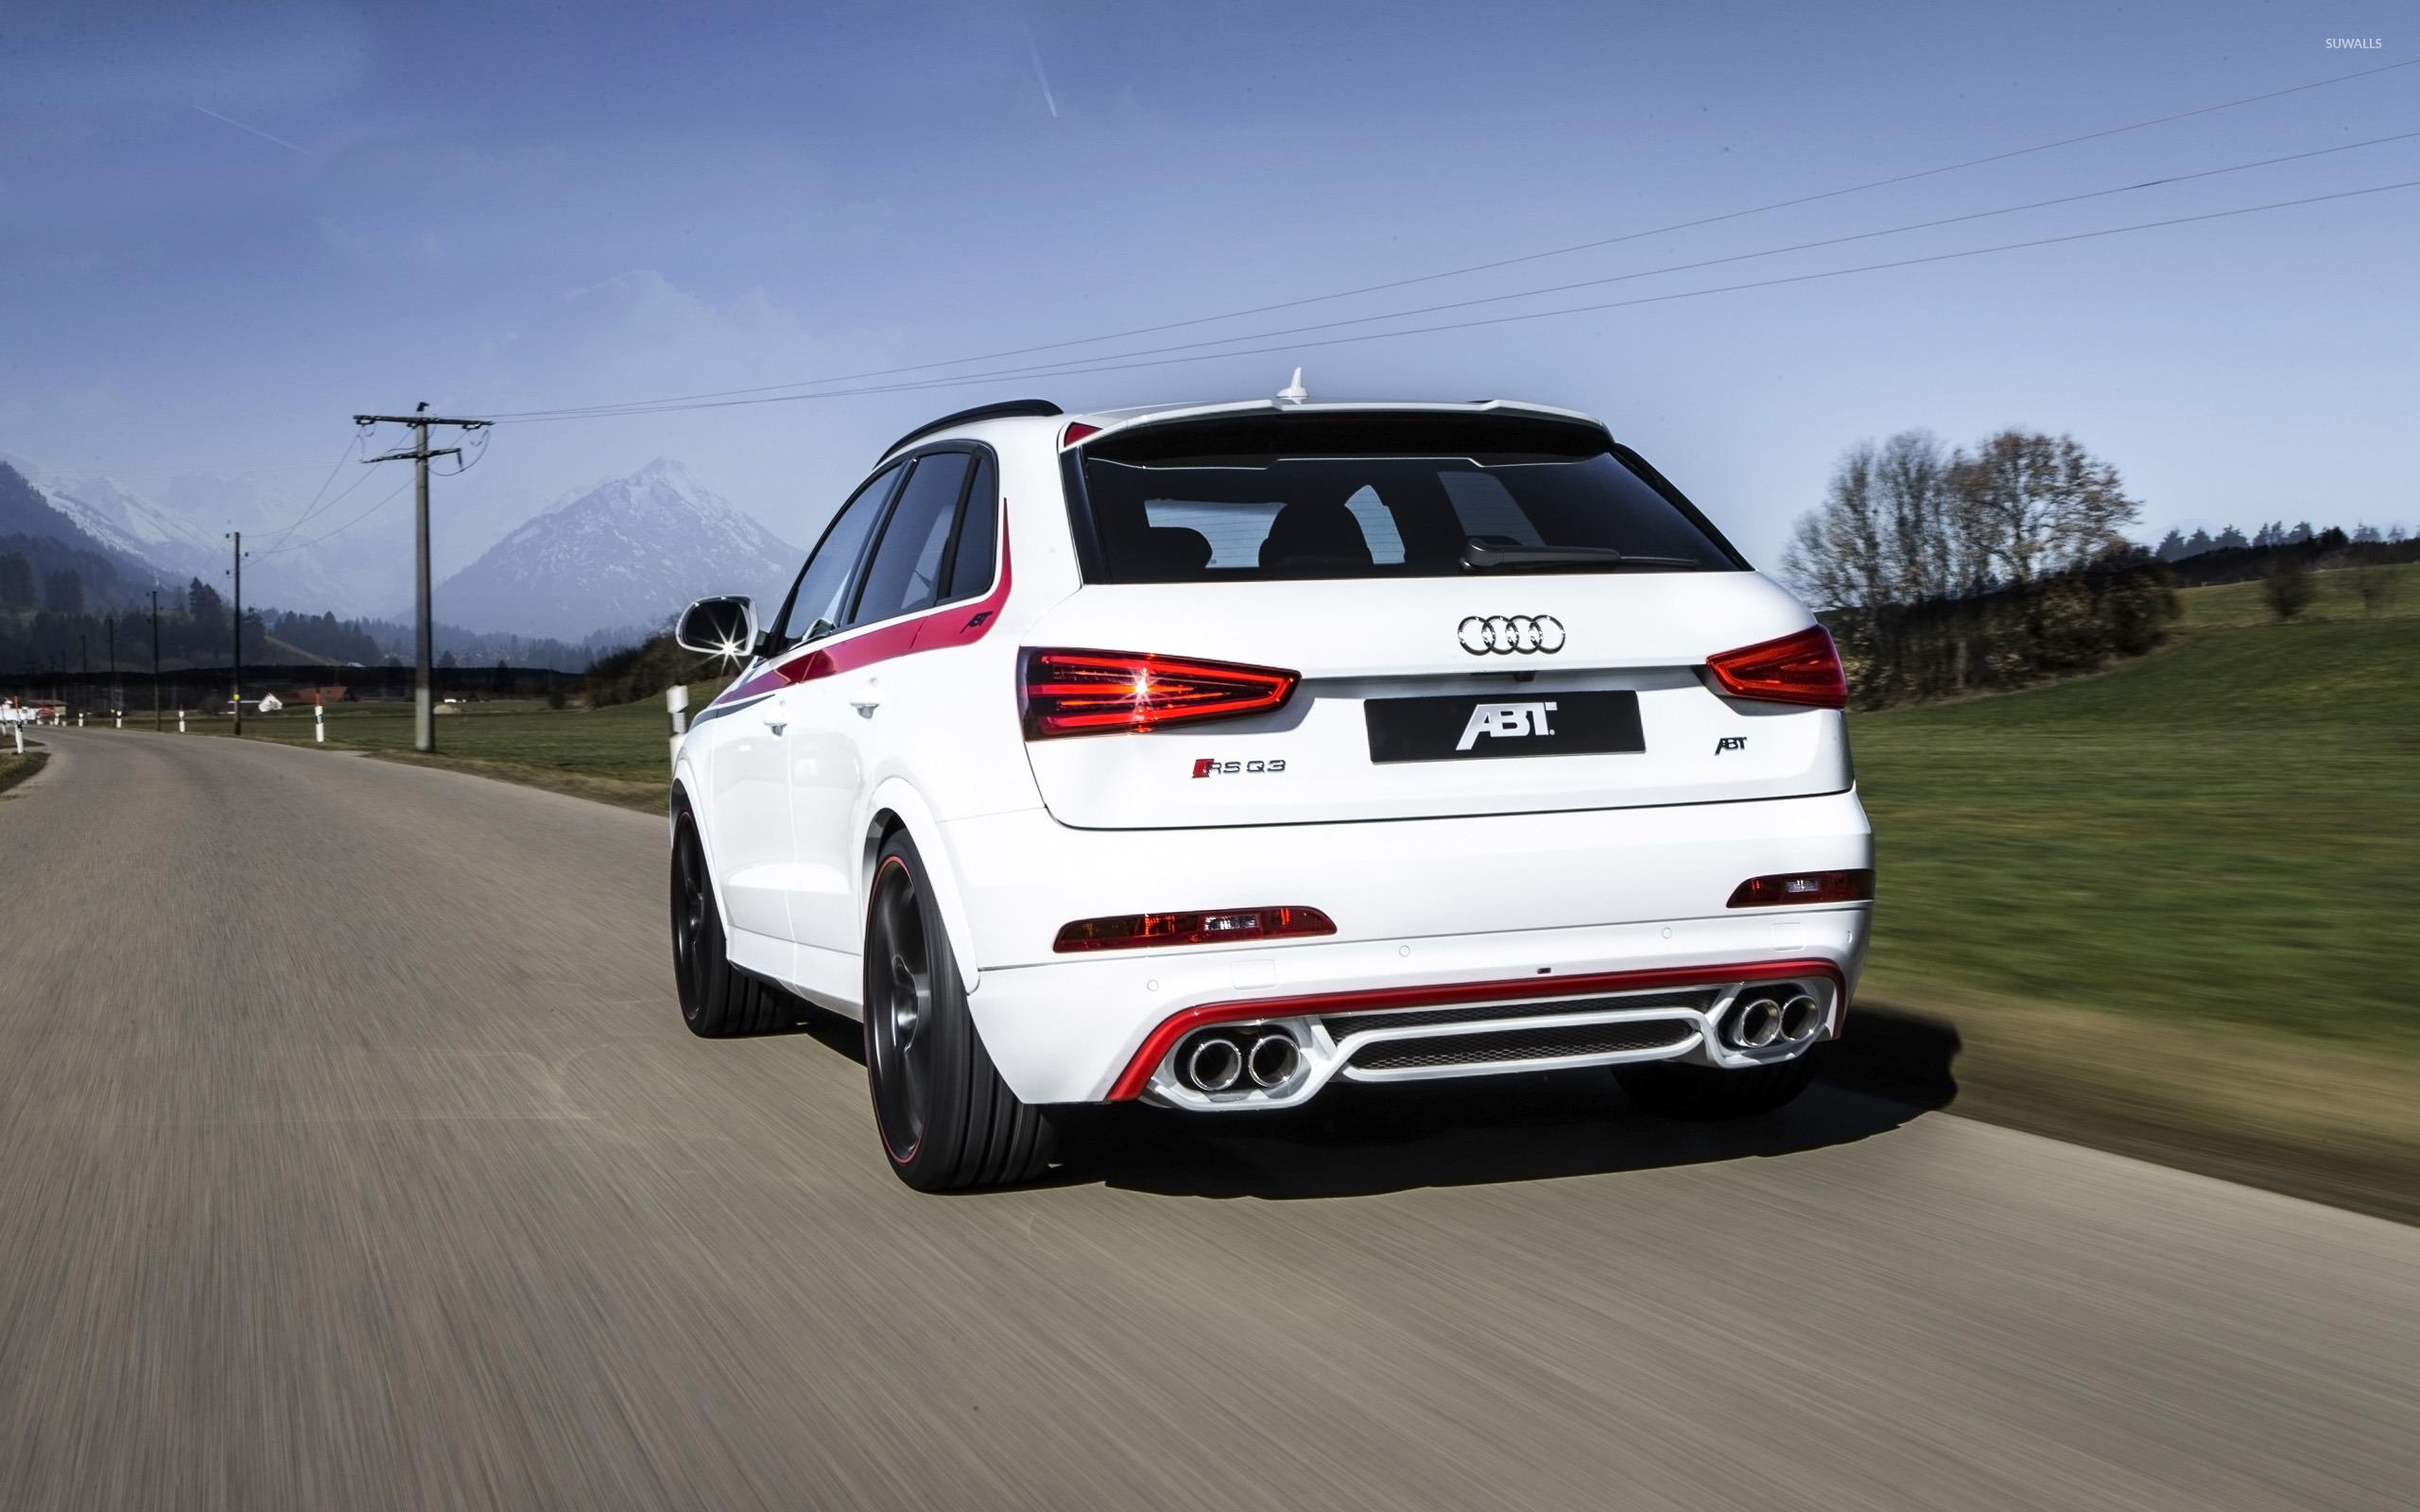 2014 ABT Audi RS Q3 [10] wallpaper Car wallpapers #38951